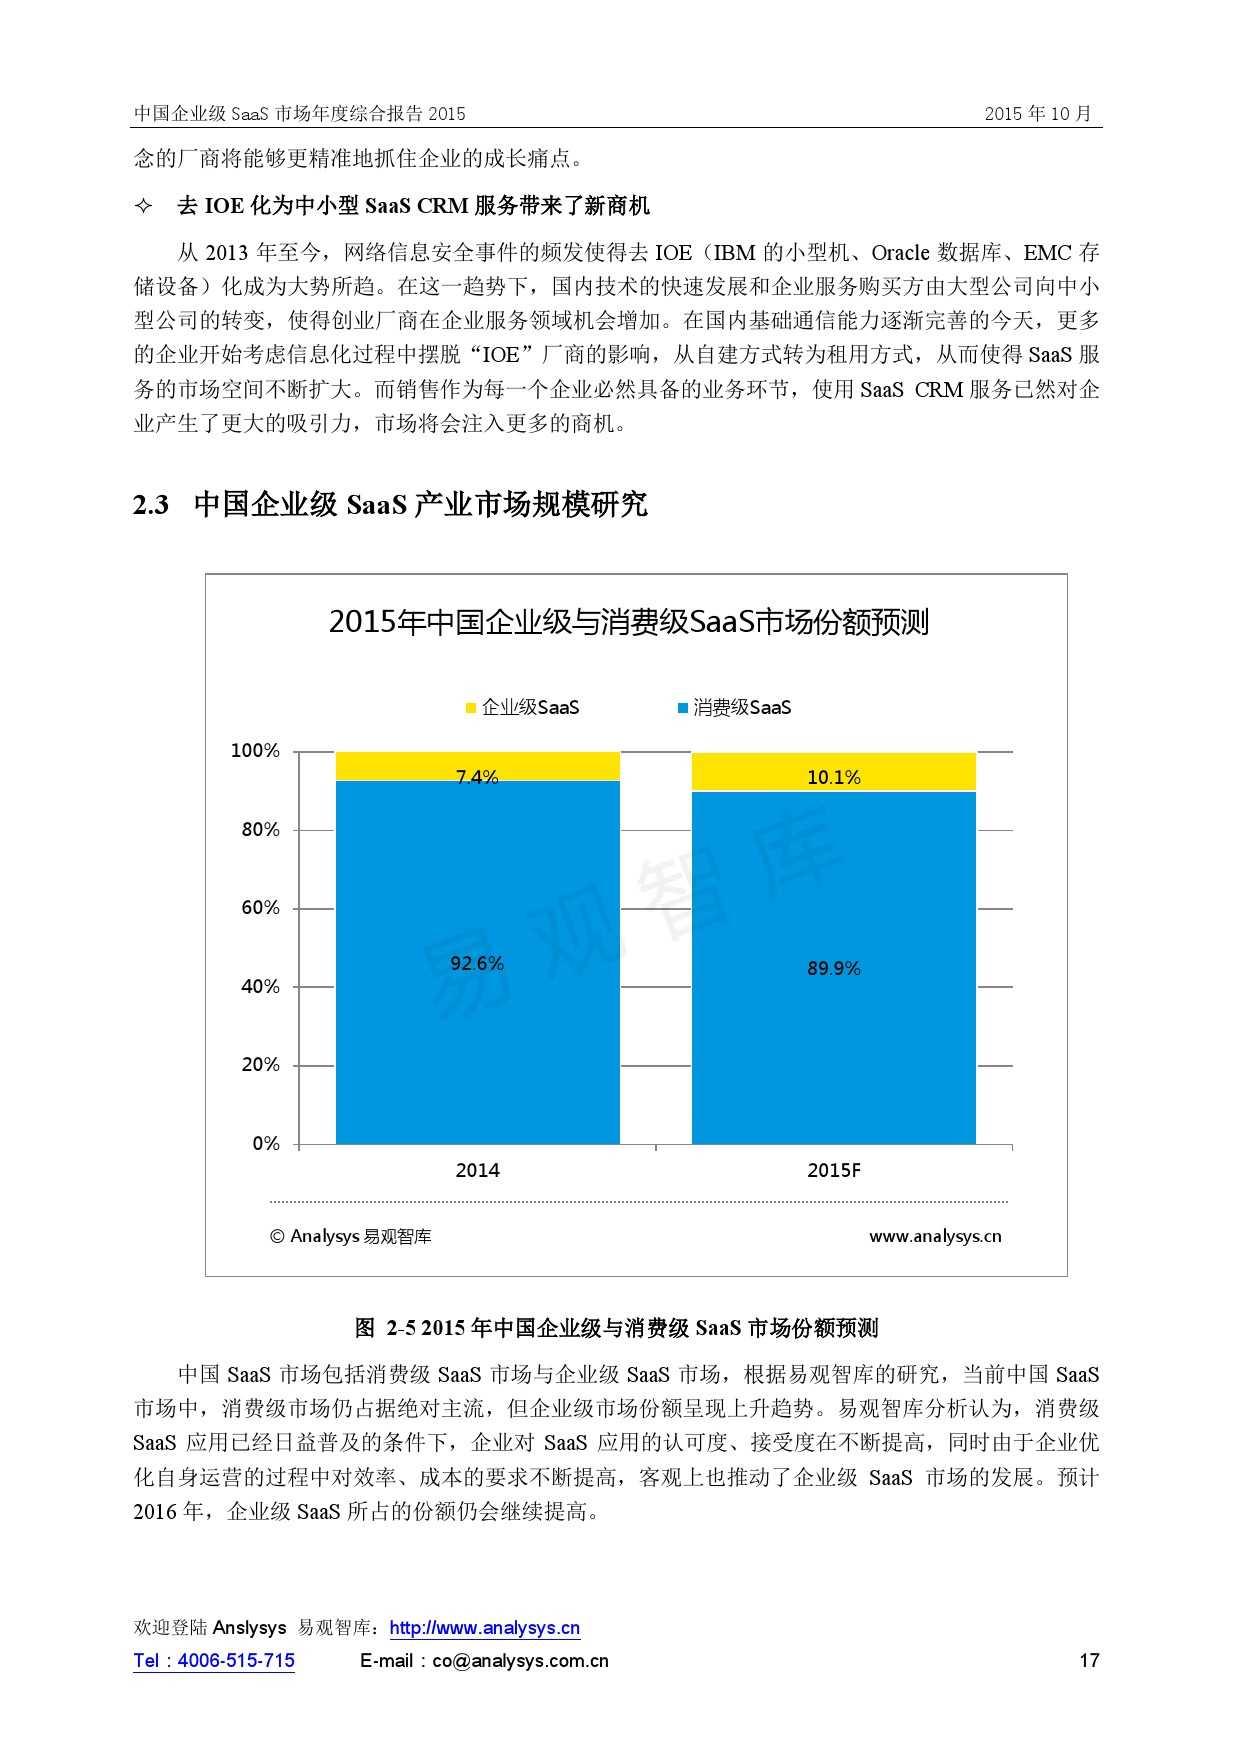 中国企业级SaaS市场年度综合报告2015 01_000017